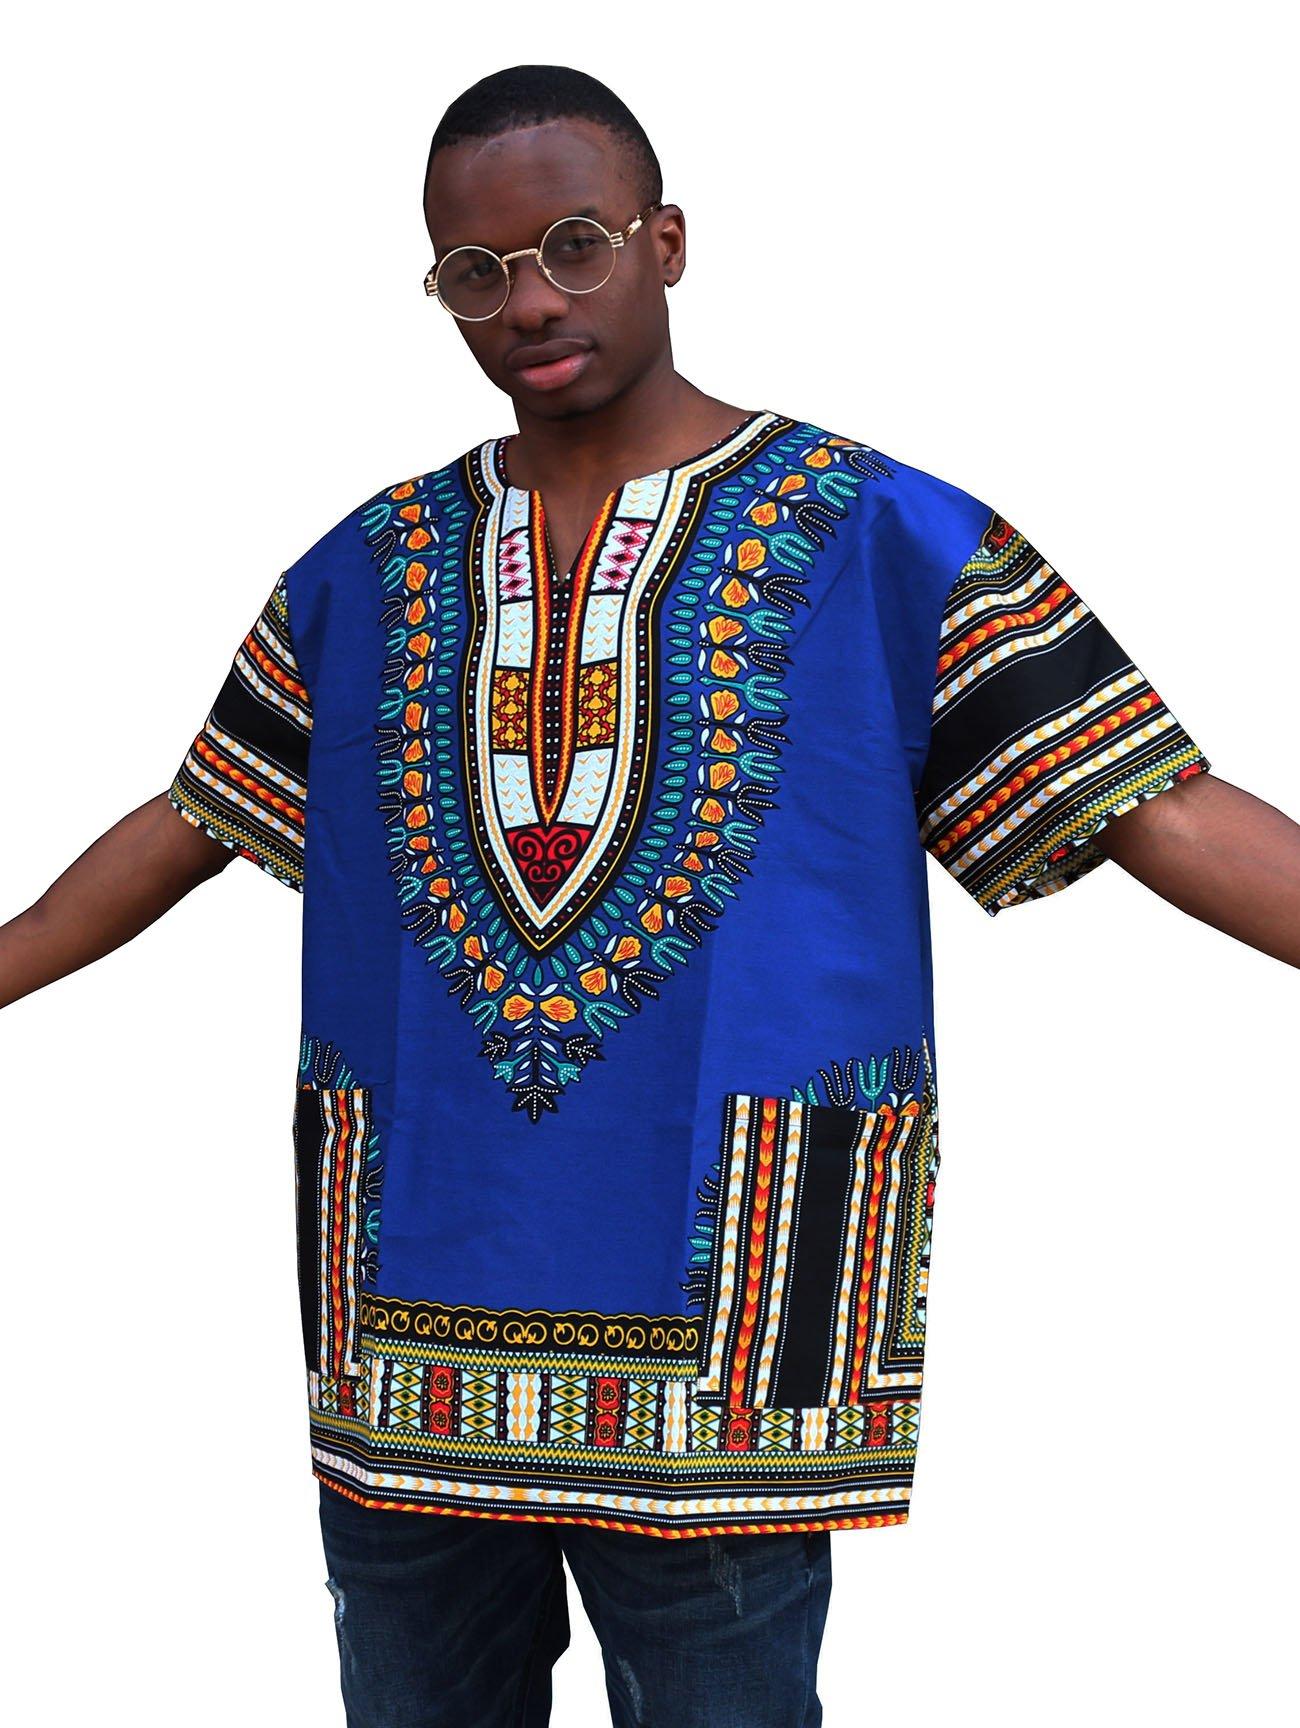 Shenbolen Unisex African Bright Dashiki Cotton Shirt(One Size,B)